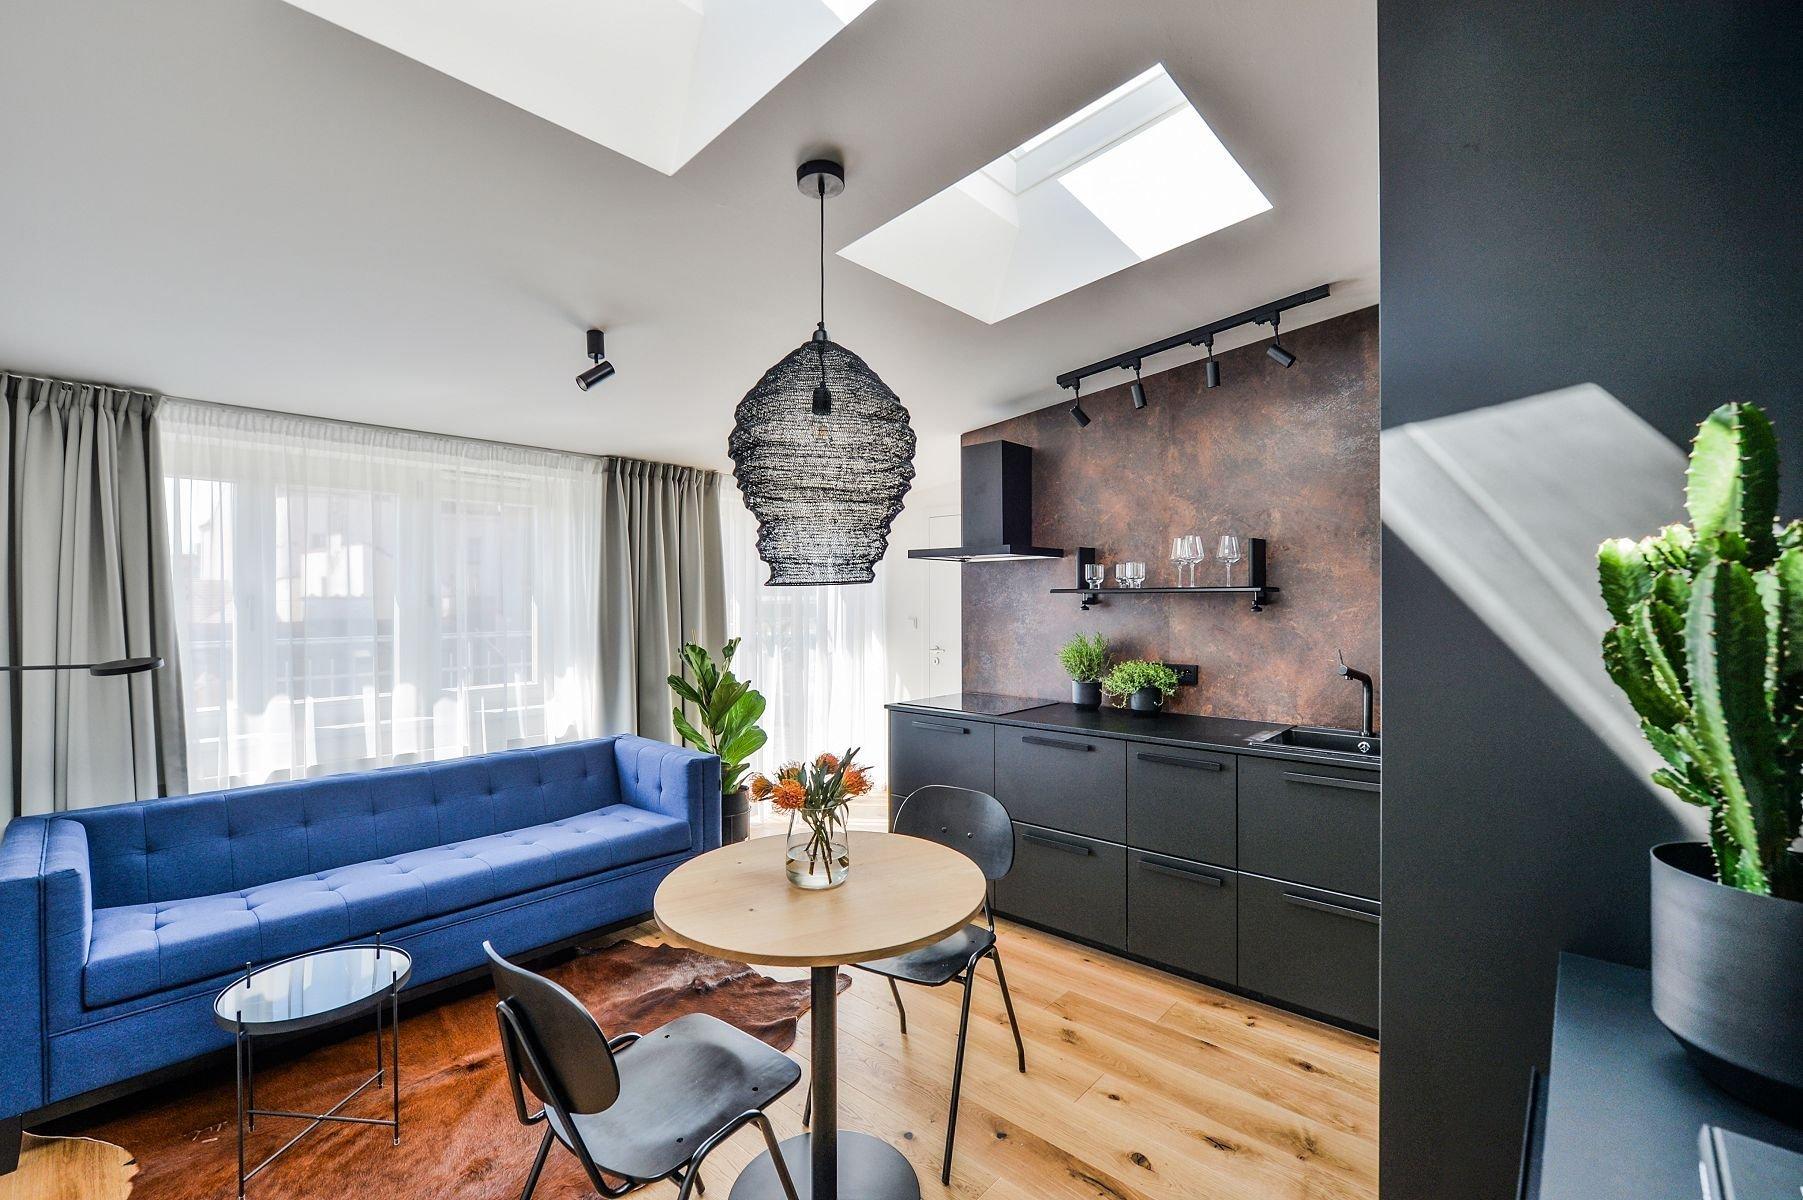 V nově zrekonstruovaném bytovém domě s řadou zachovaných původních prvků vznikl moderní podkrovní byt s originálně zařízeným interiérem a půvabnými výhledy do okolí. Na první pohled upoutá především svou černou kuchyní, tím však jeho invence zdaleka nekončí.